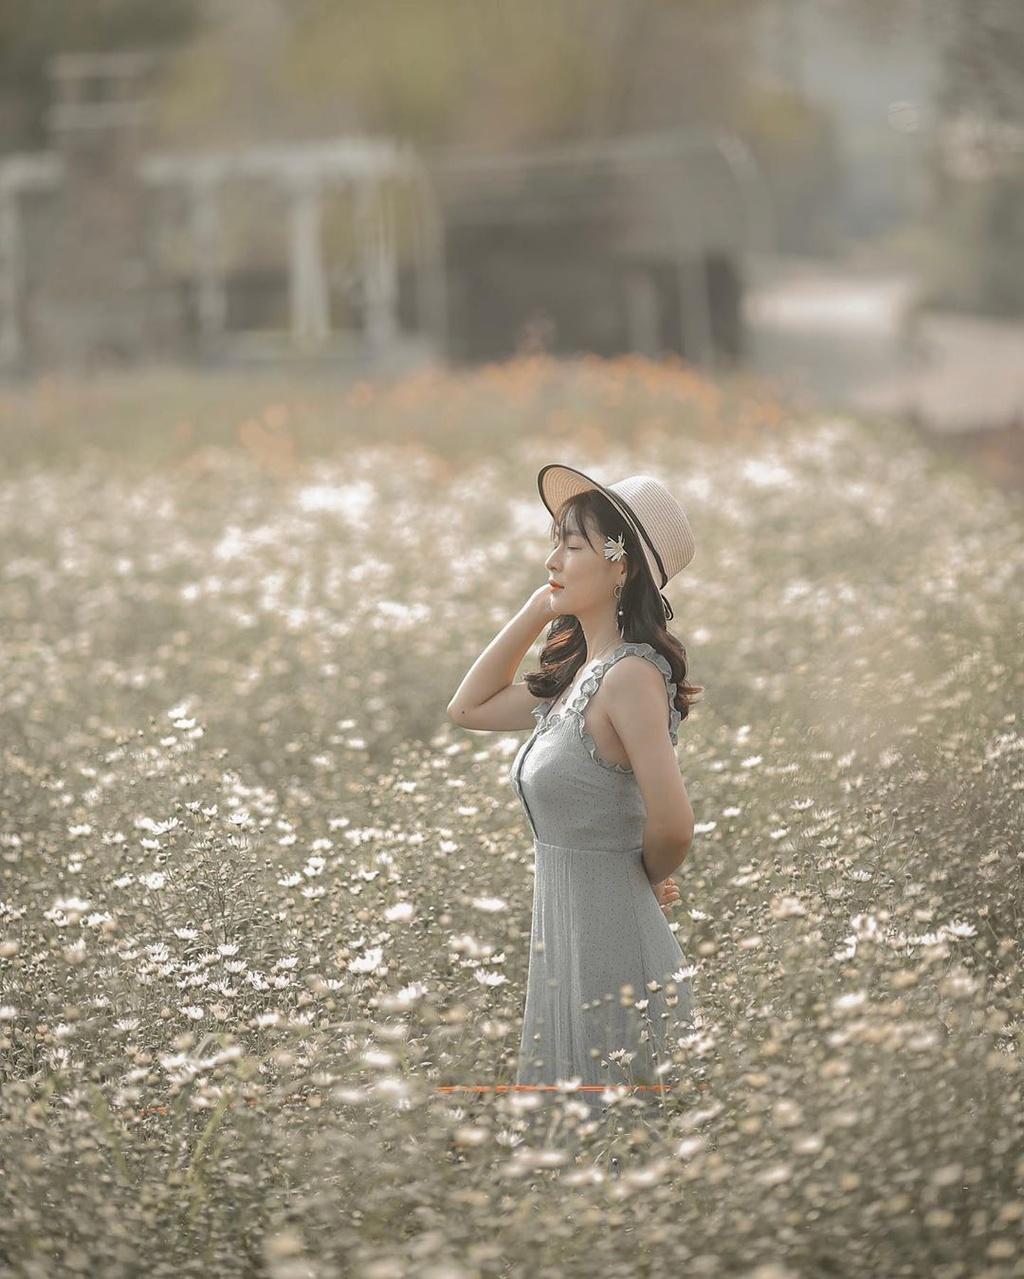 Gioi tre Ha Noi ru nhau check-in voi cuc hoa mi hinh anh 9